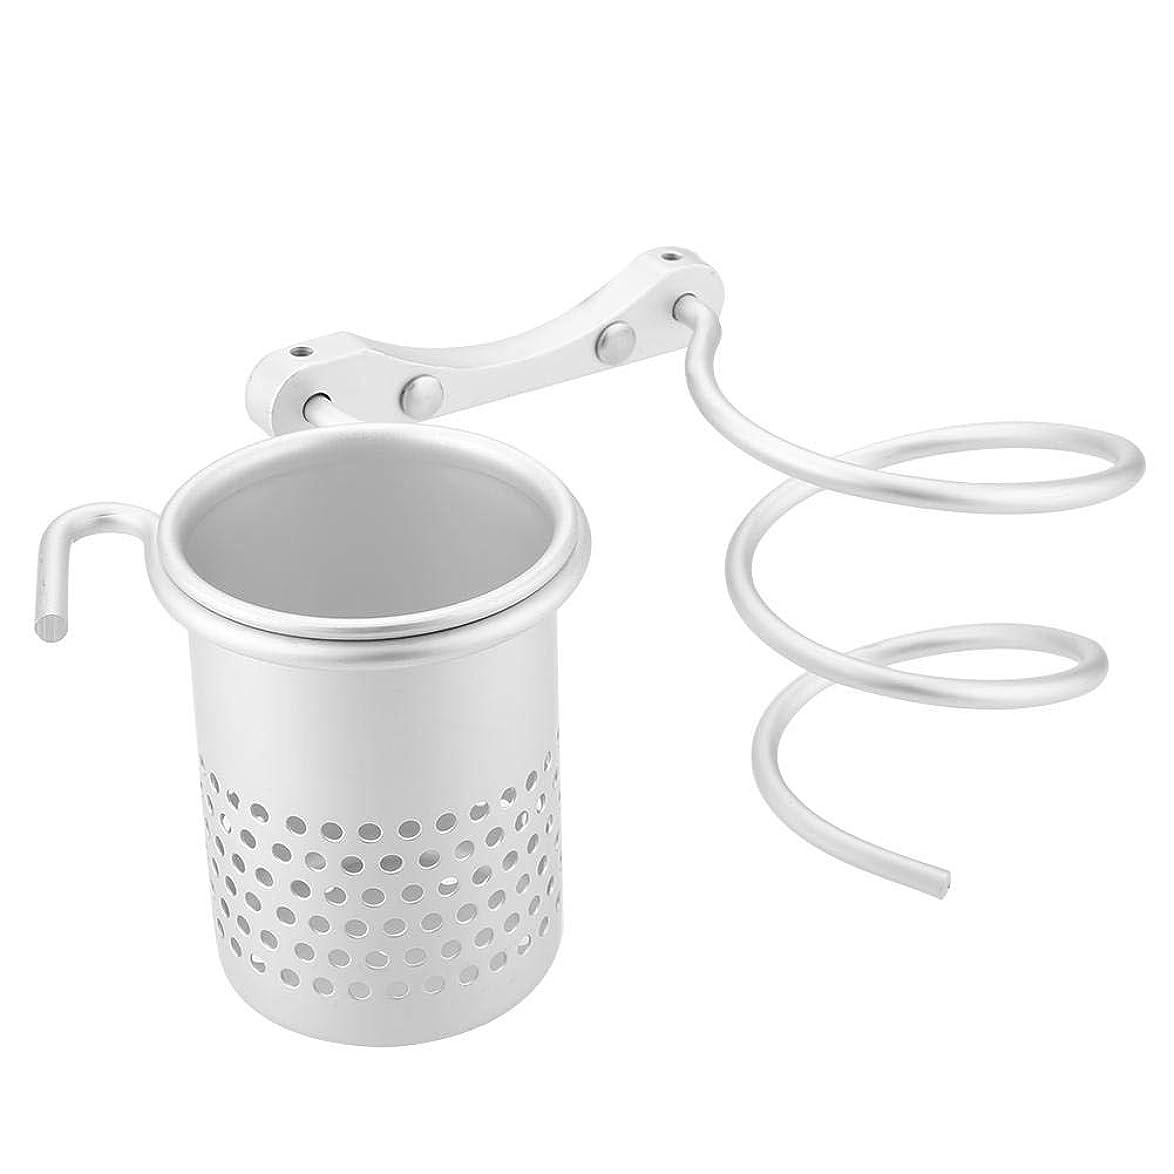 適用するそれら飼料ヘアドライヤーホルダー壁二重ブラケット、ステンレススチールポリッシュ仕上げバスルーム洗面所オーガナイザー収納ヘアブロードライヤーサポート